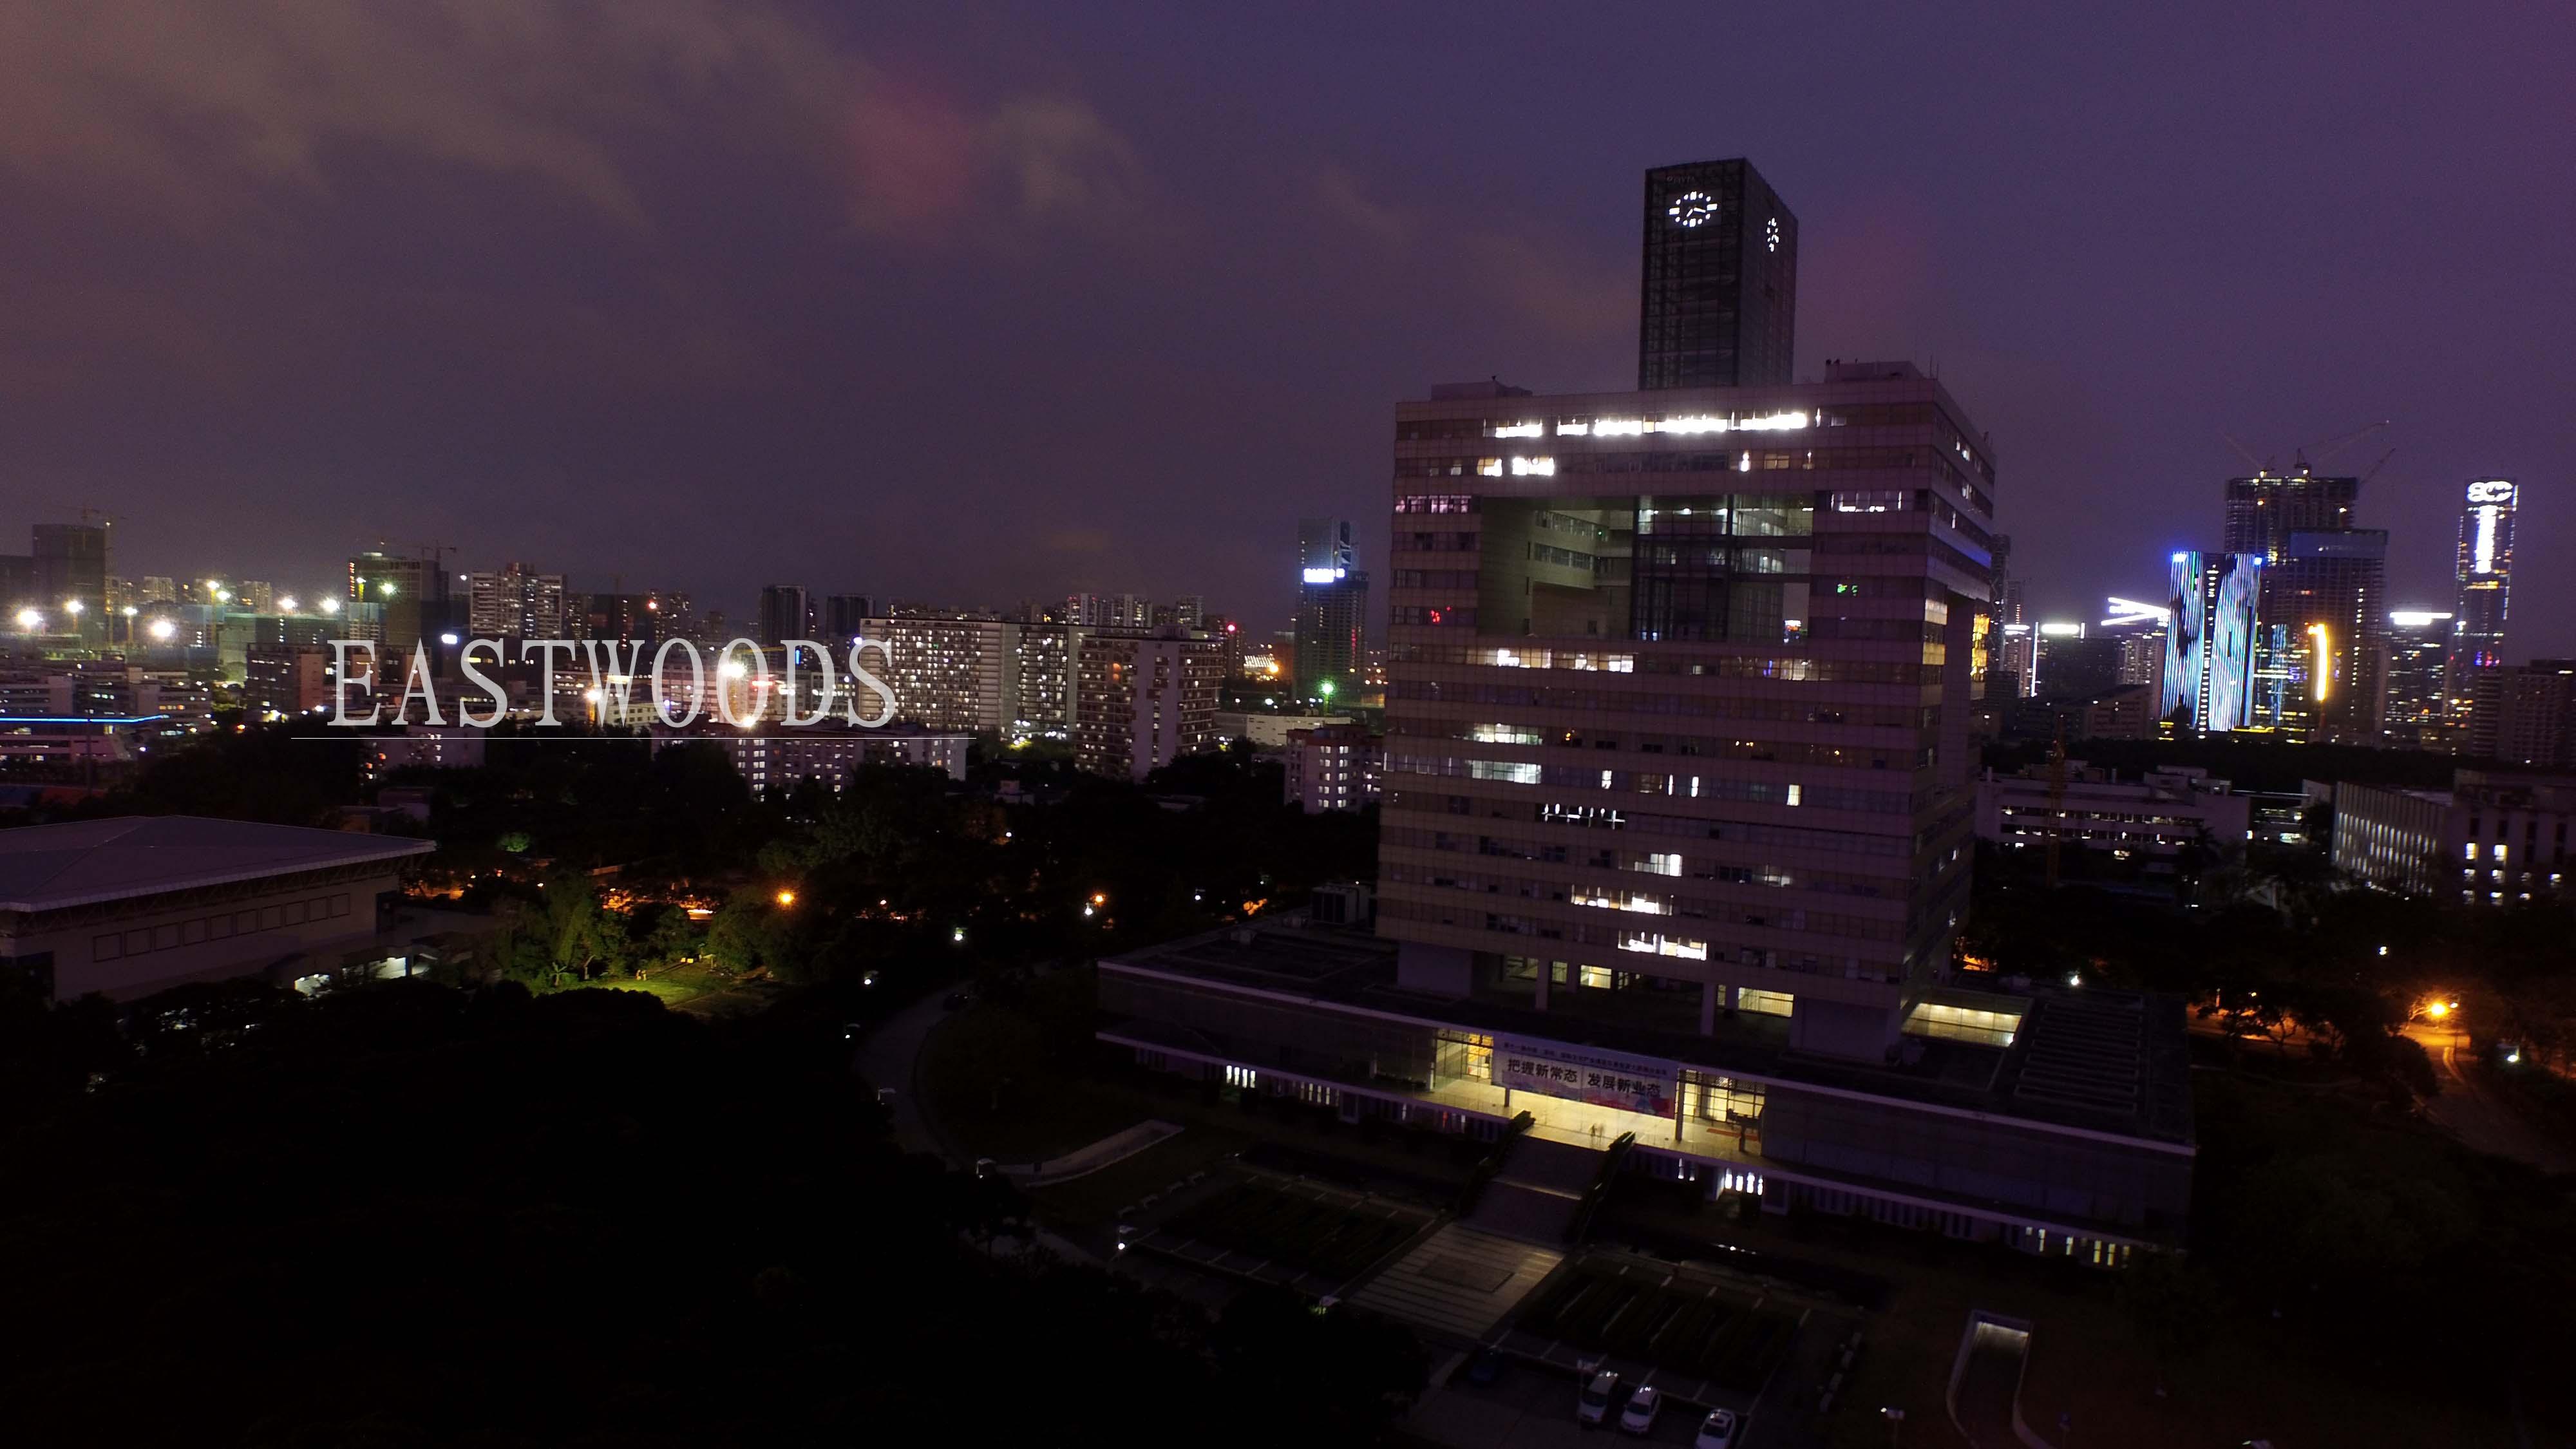 航拍科技楼夜景(2.5秒未经处理直出).jpg